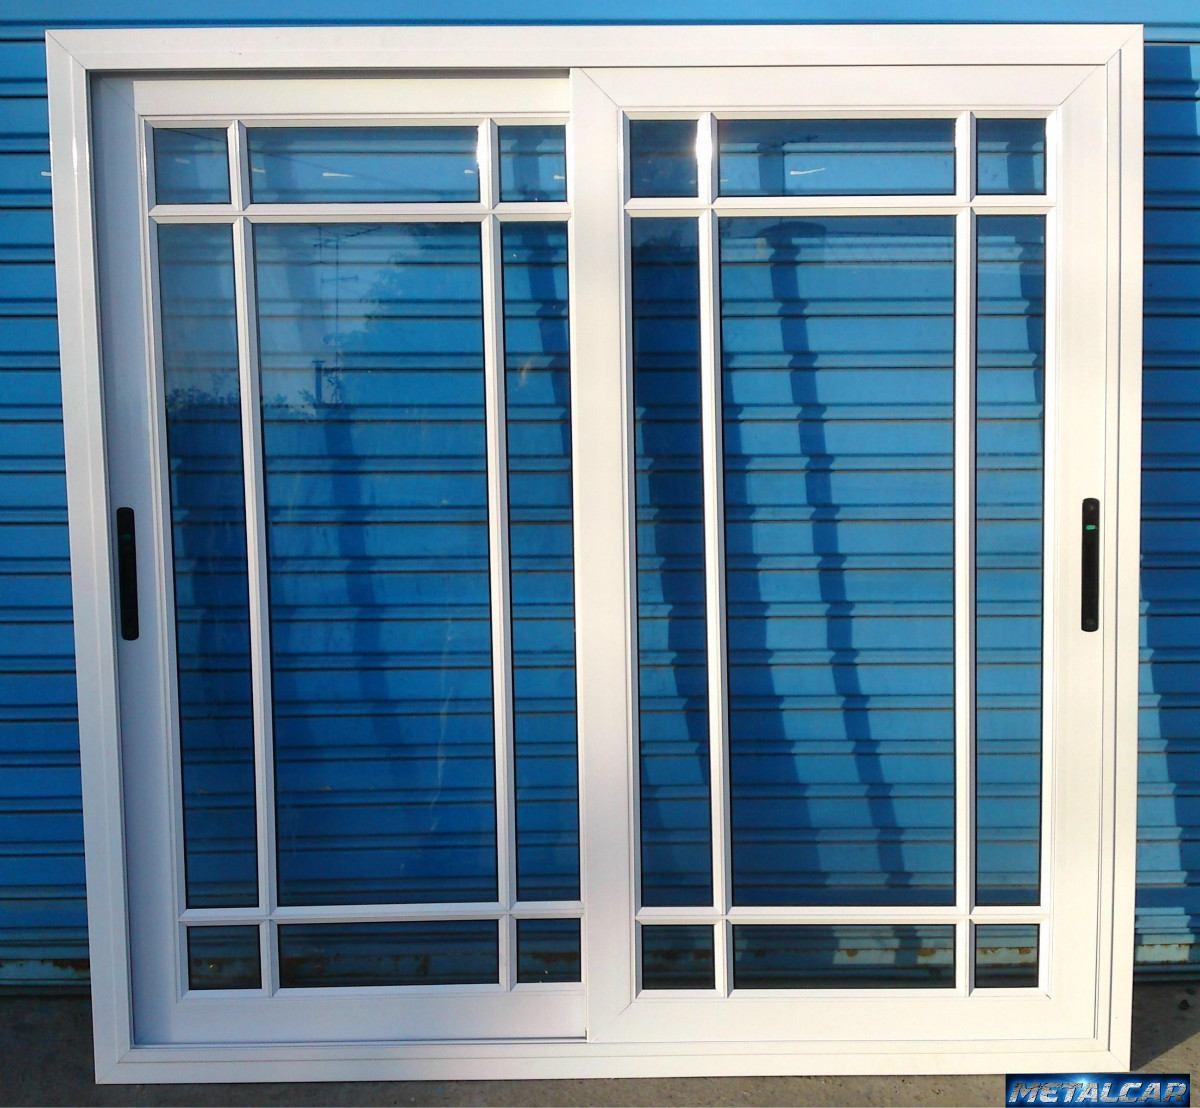 Ventanas de aluminio y vidrio imagui for Puertas y ventanas de aluminio blanco precios